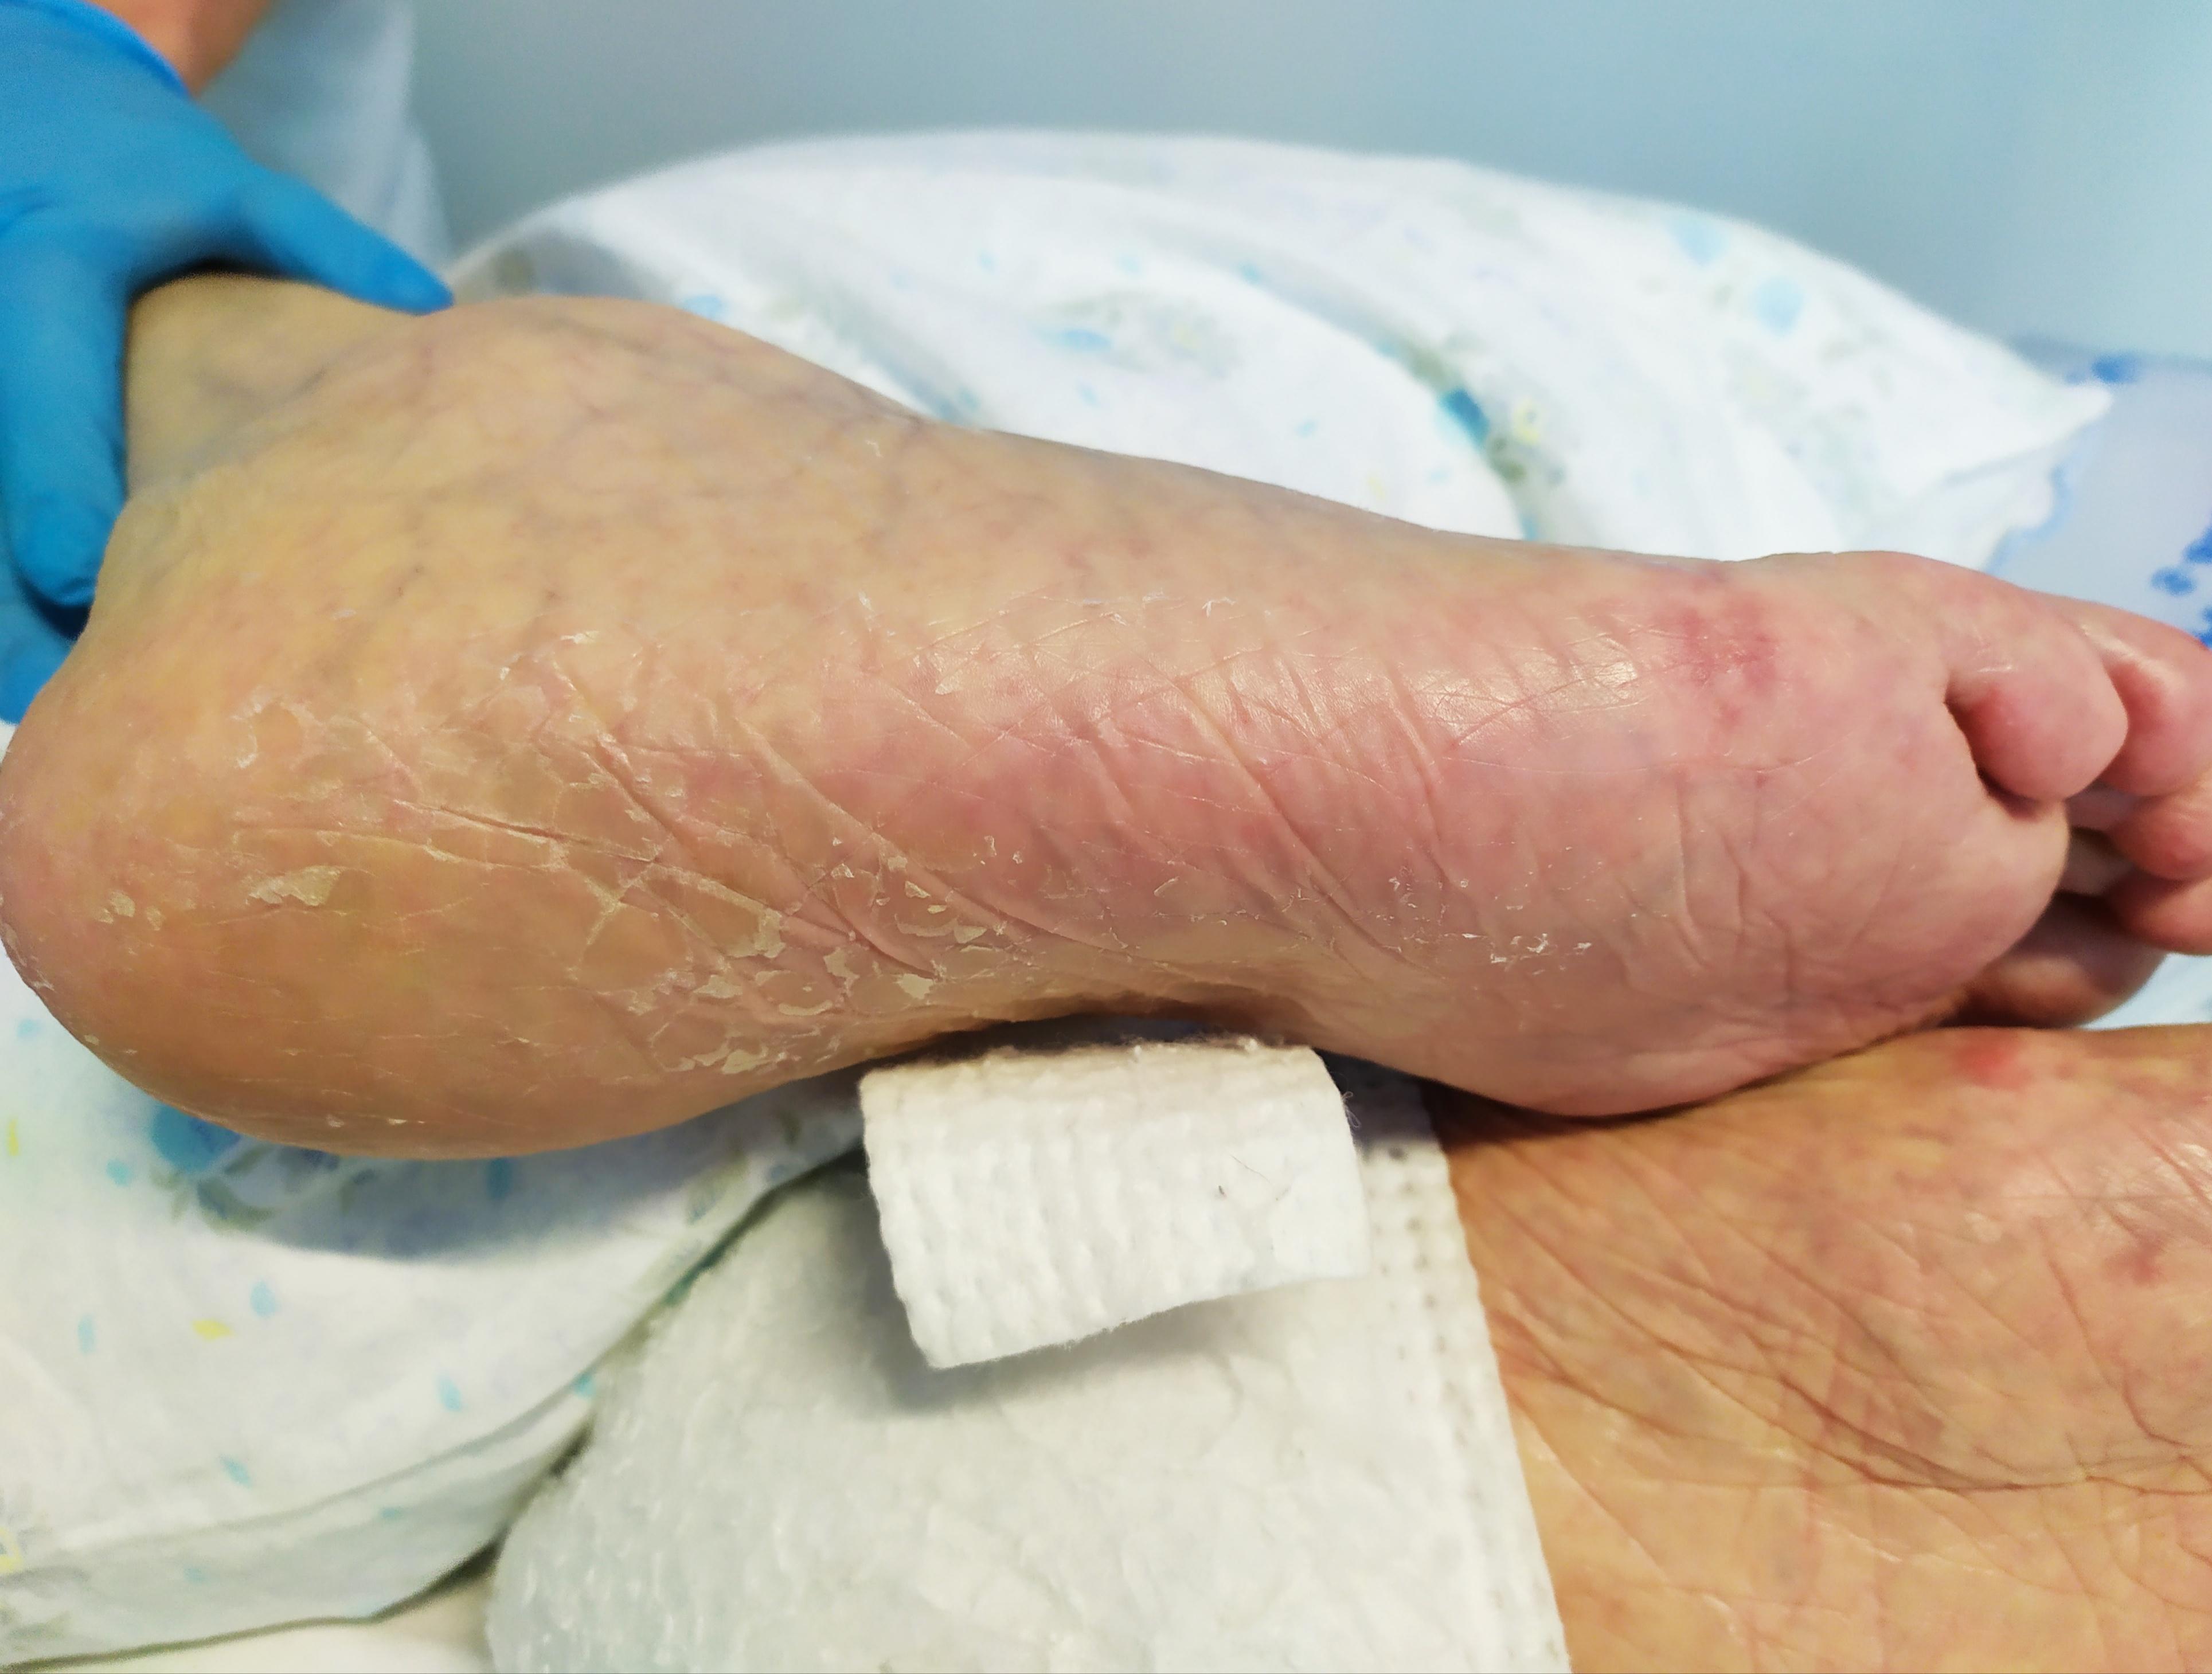 Wound Care e talloni: corso avanzato per Infermieri e Professionisti Sanitari.